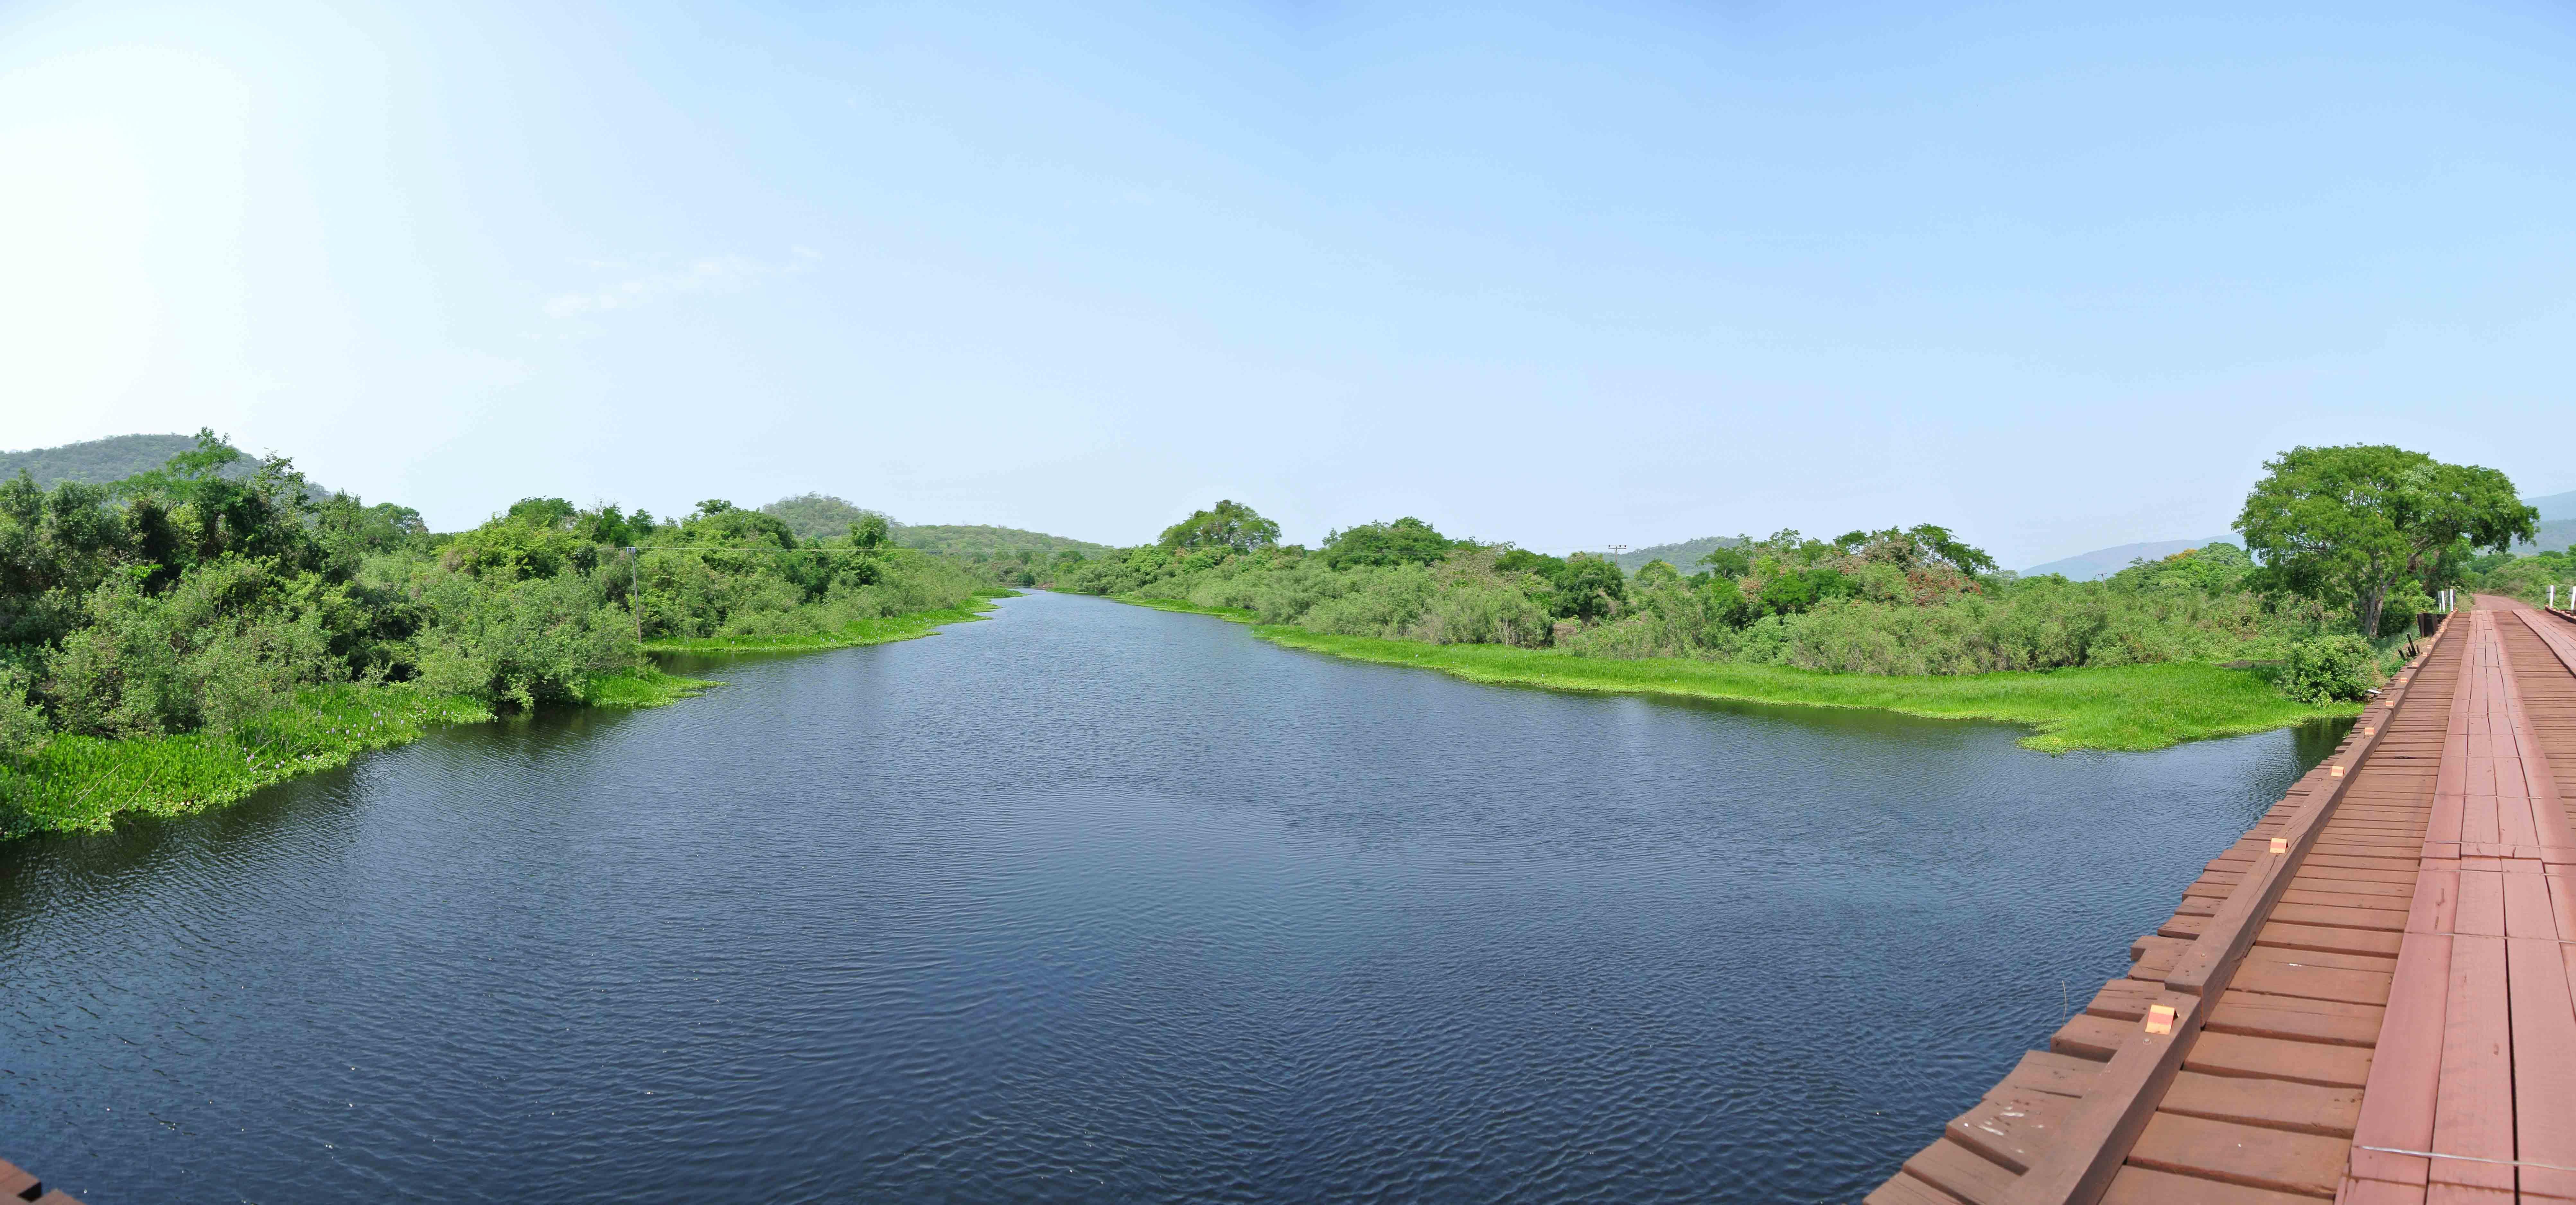 036 2409 Pantanal - Passo do Lontra - Corumba 831jpg